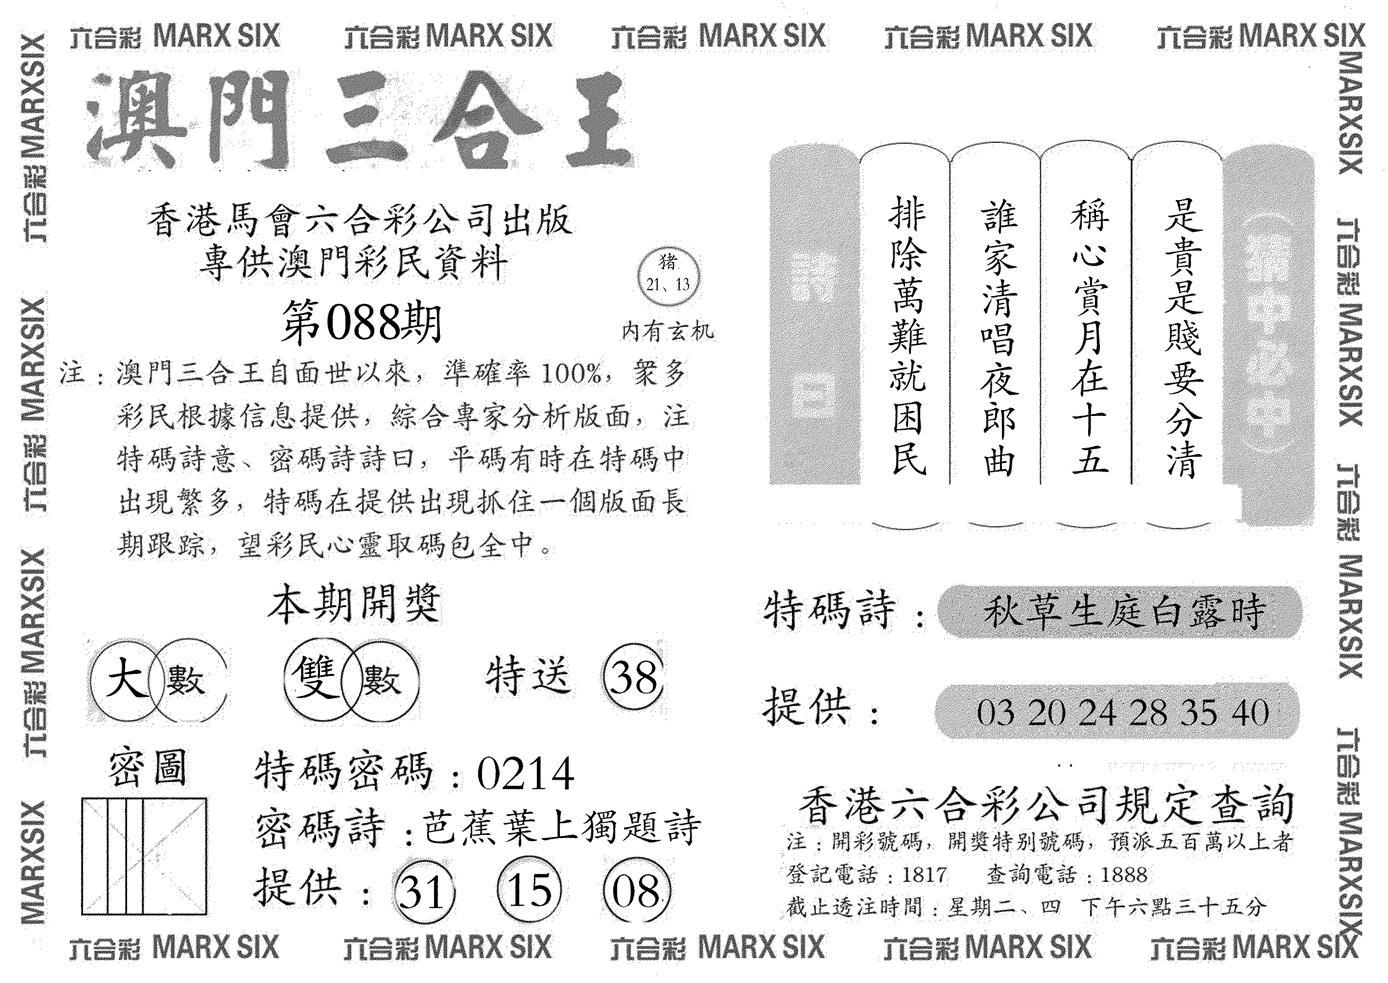 088期澳门三合王A(黑白)